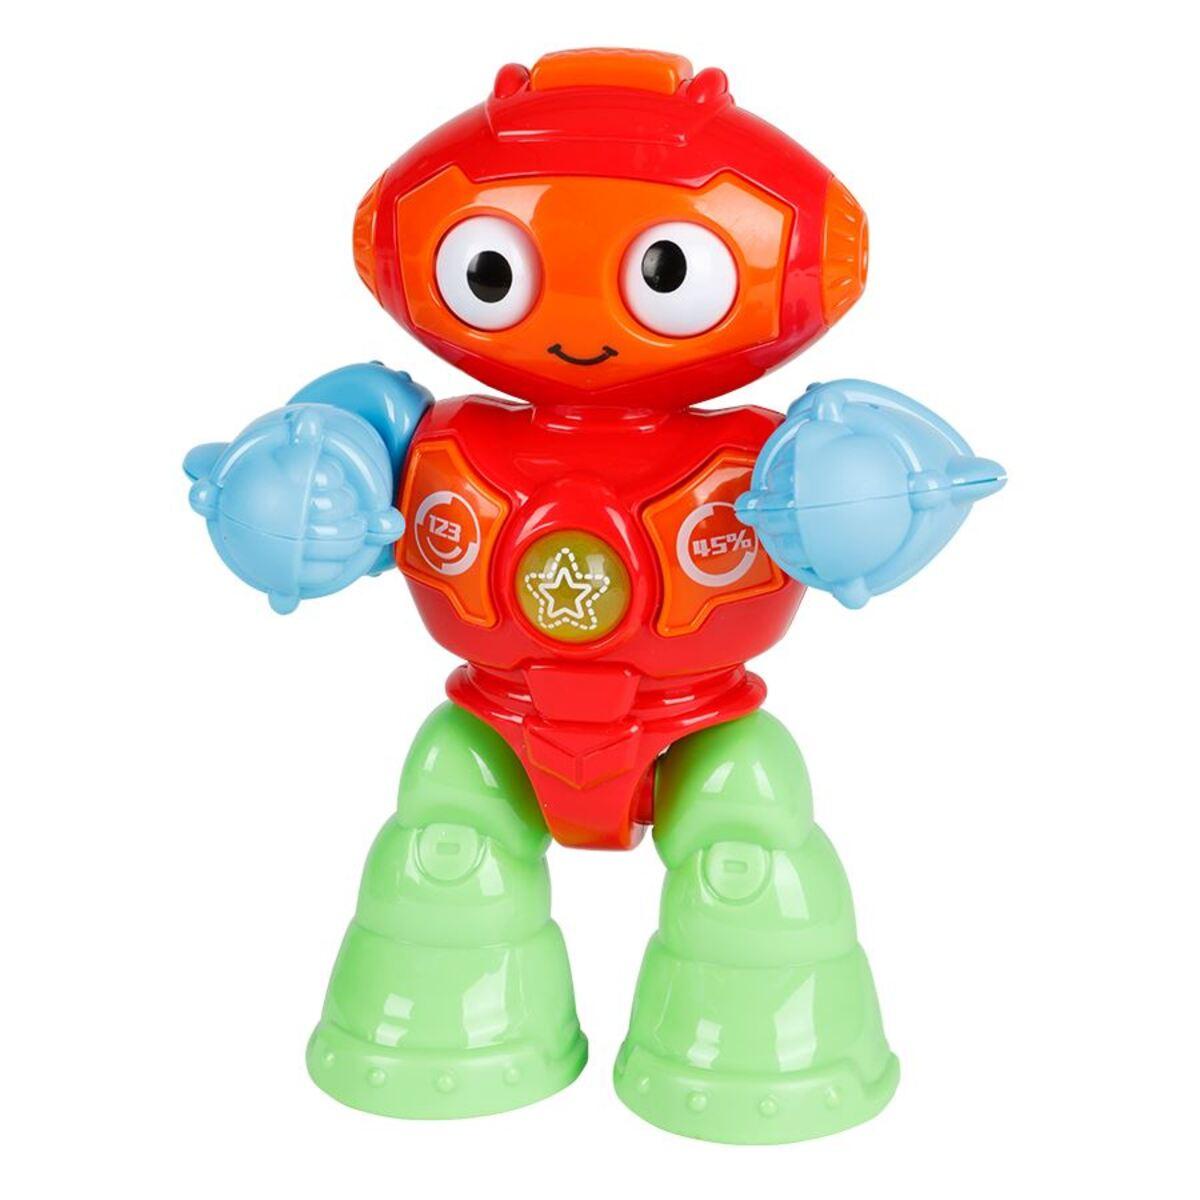 Bild 2 von Mini-Spielzeugroboter mit Musik und Licht